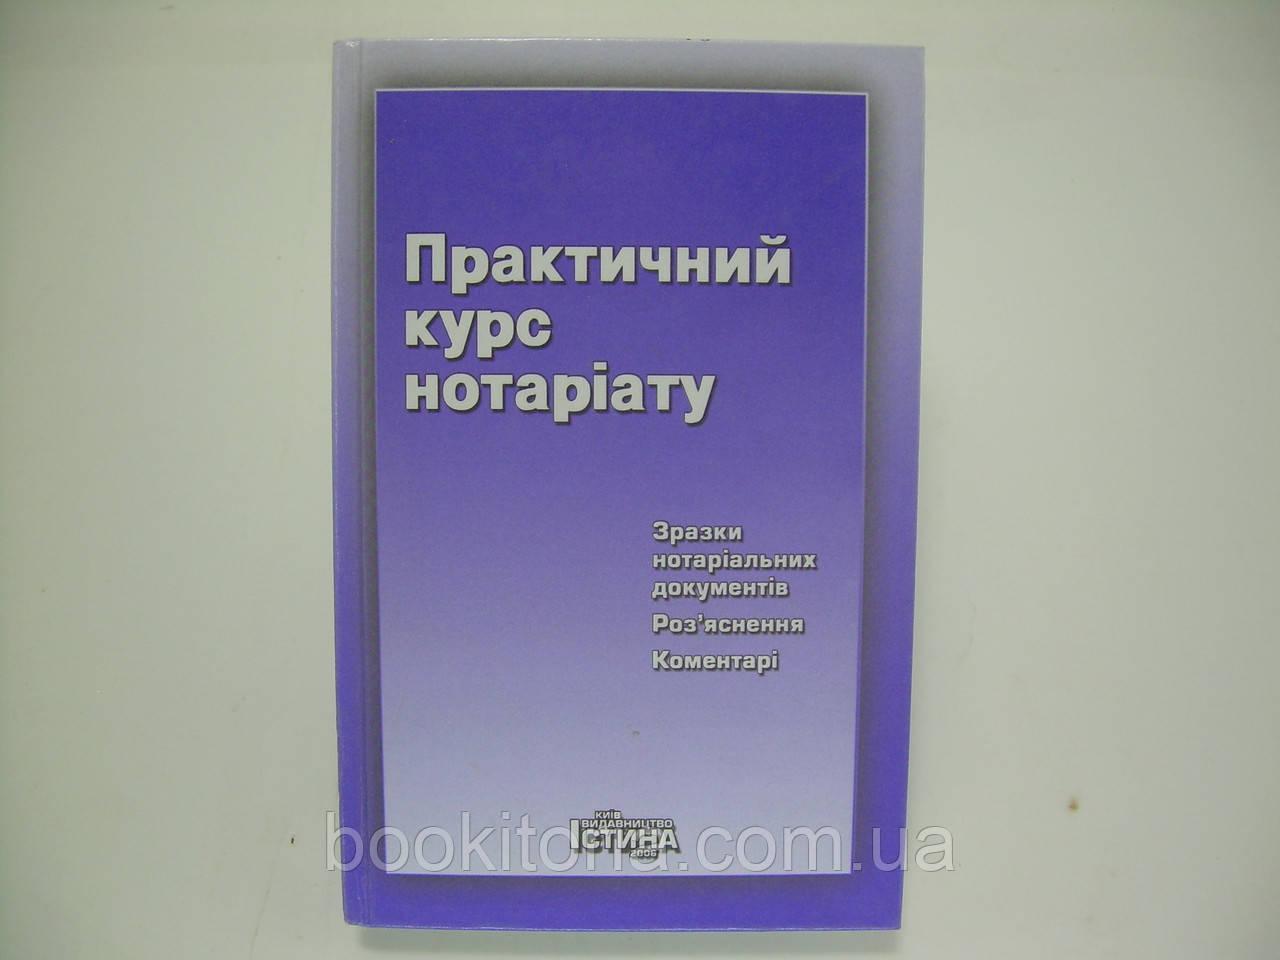 Практичний курс нотаріату (б/у).